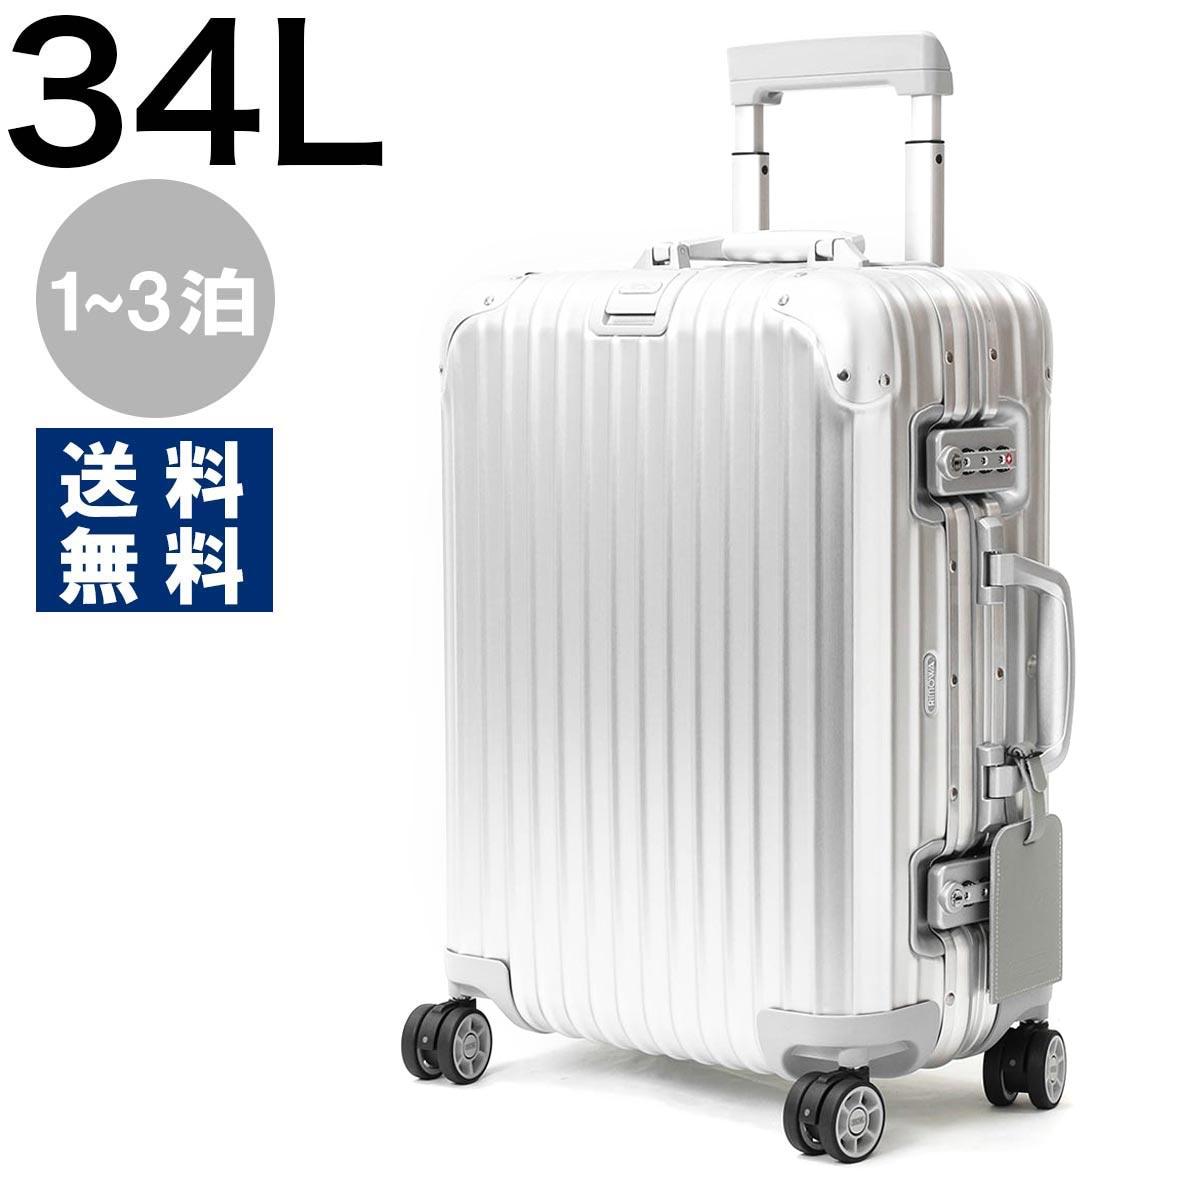 リモワ スーツケース/旅行用バッグ バッグ メンズ レディース トパーズ キャビン 34L 1~3泊 シルバー 92353004 RIMOWA